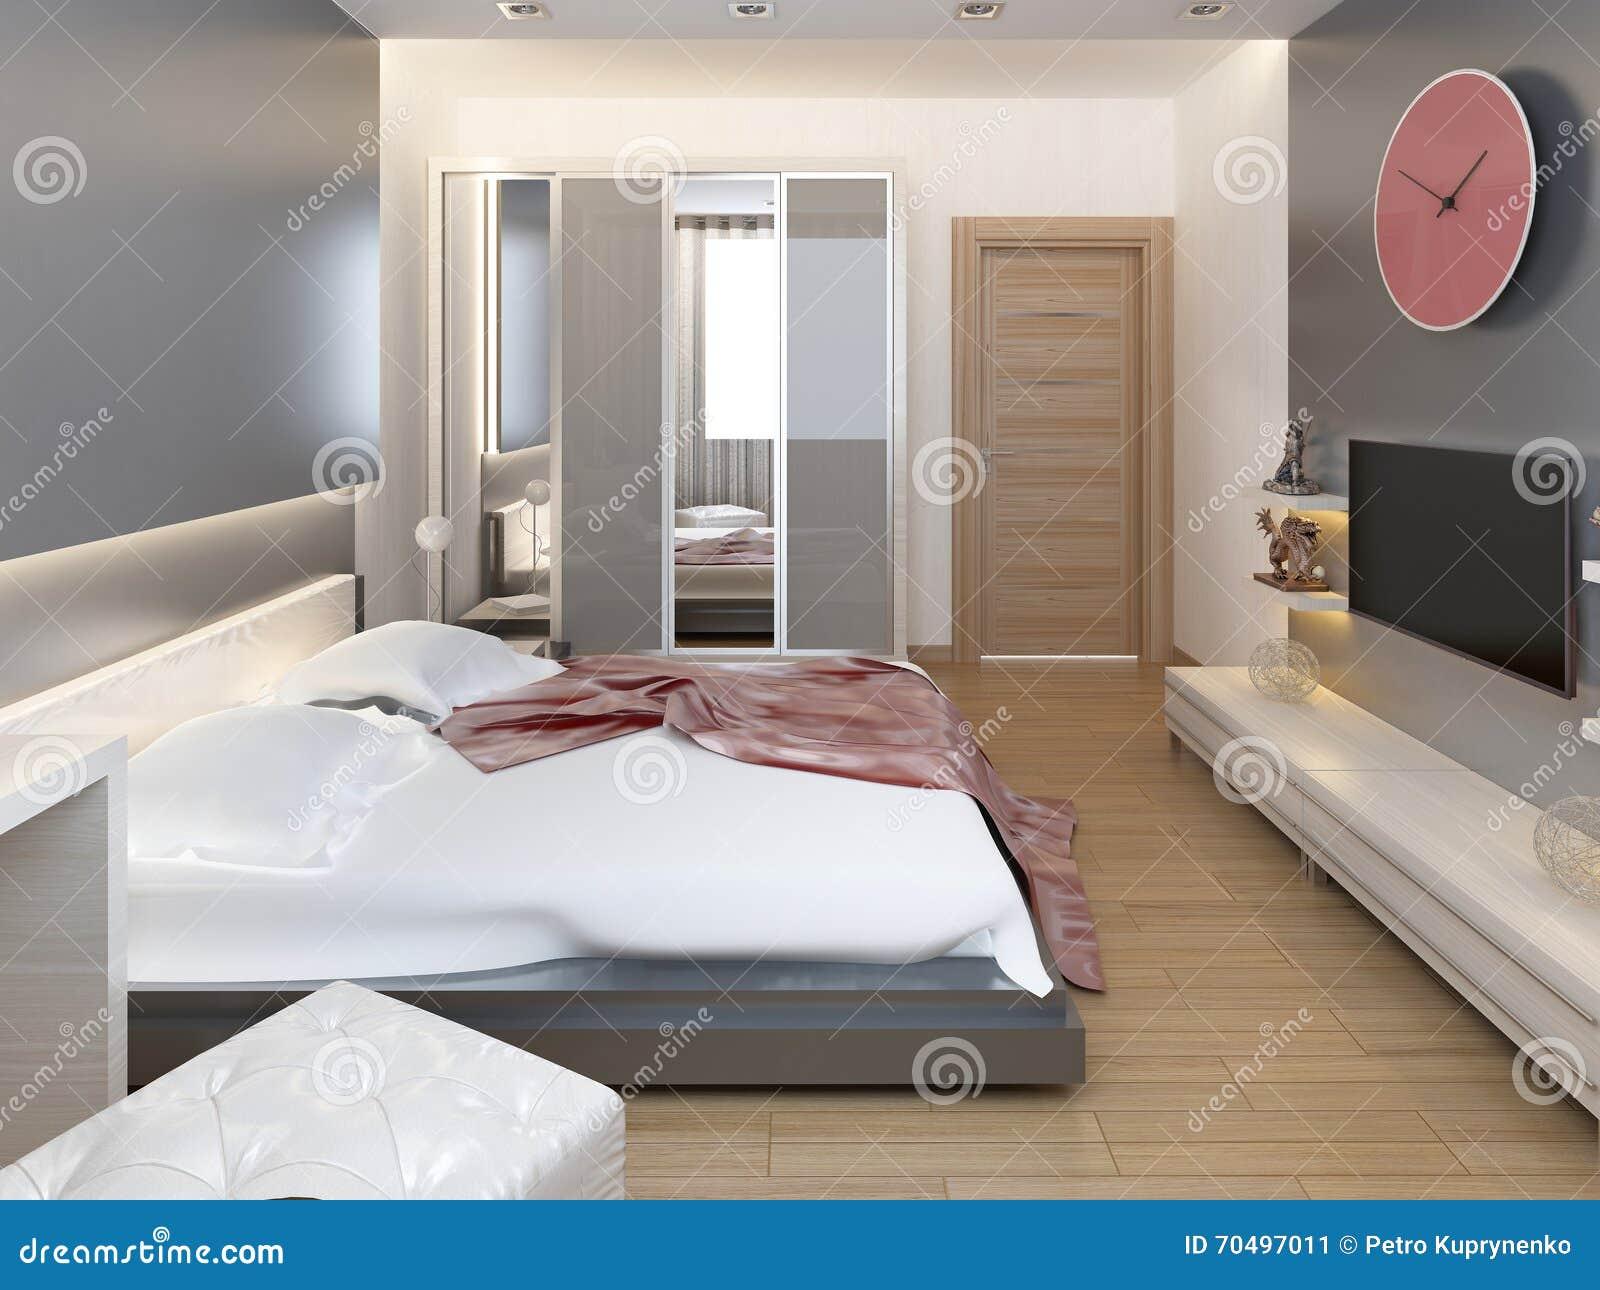 Blumen Im Schlafzimmer | Schlafzimmer Im Orientalischen Artlicht Mit Den Roten Und Gelben